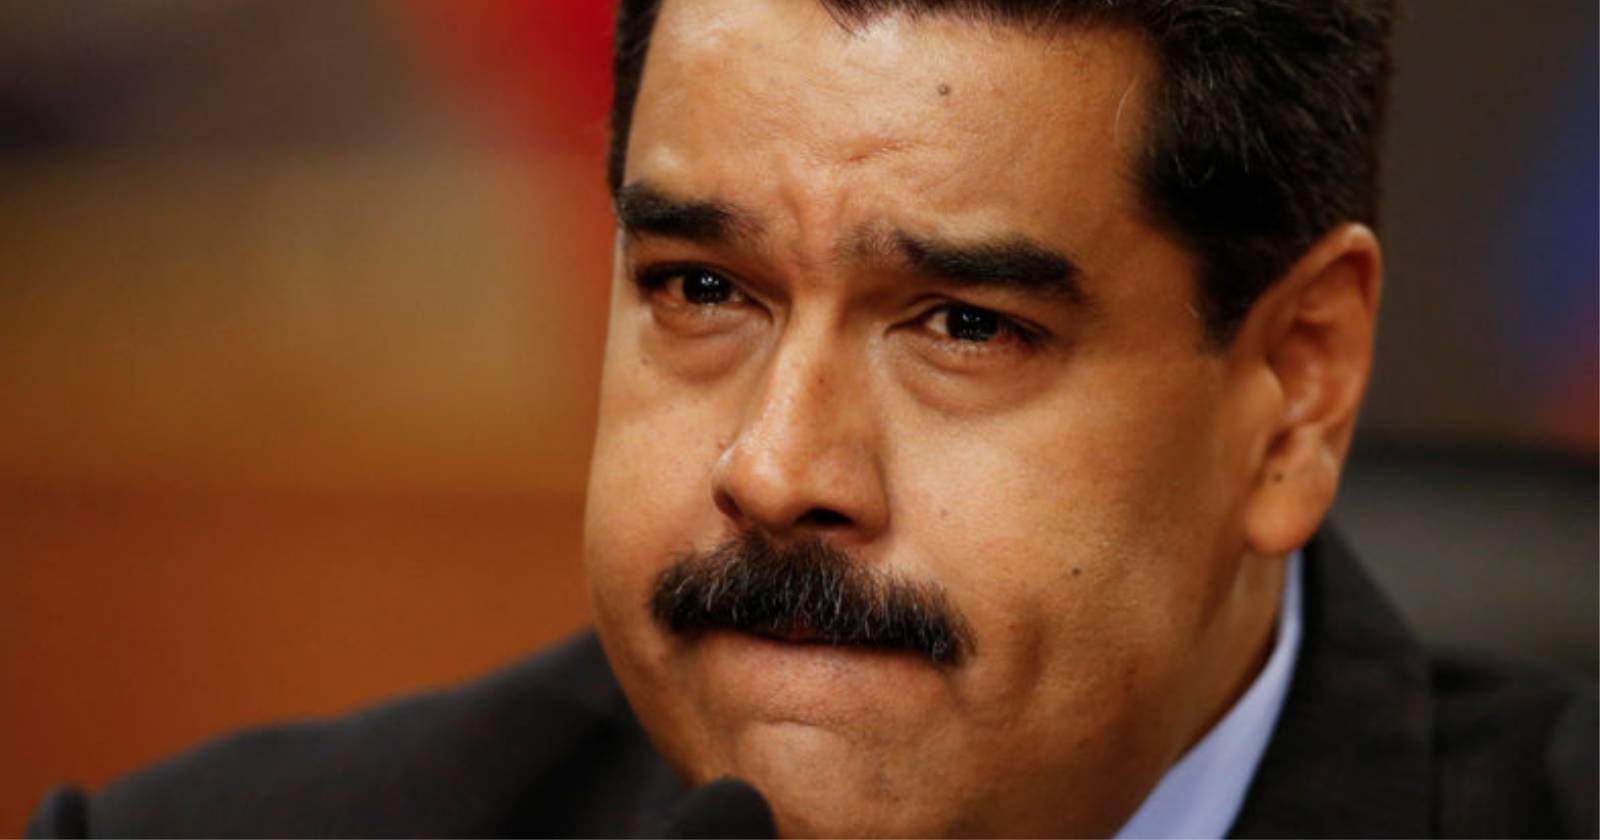 Nicolás Maduro admite que Venezuela sufrió caída del 99% de sus ingresos petroleros